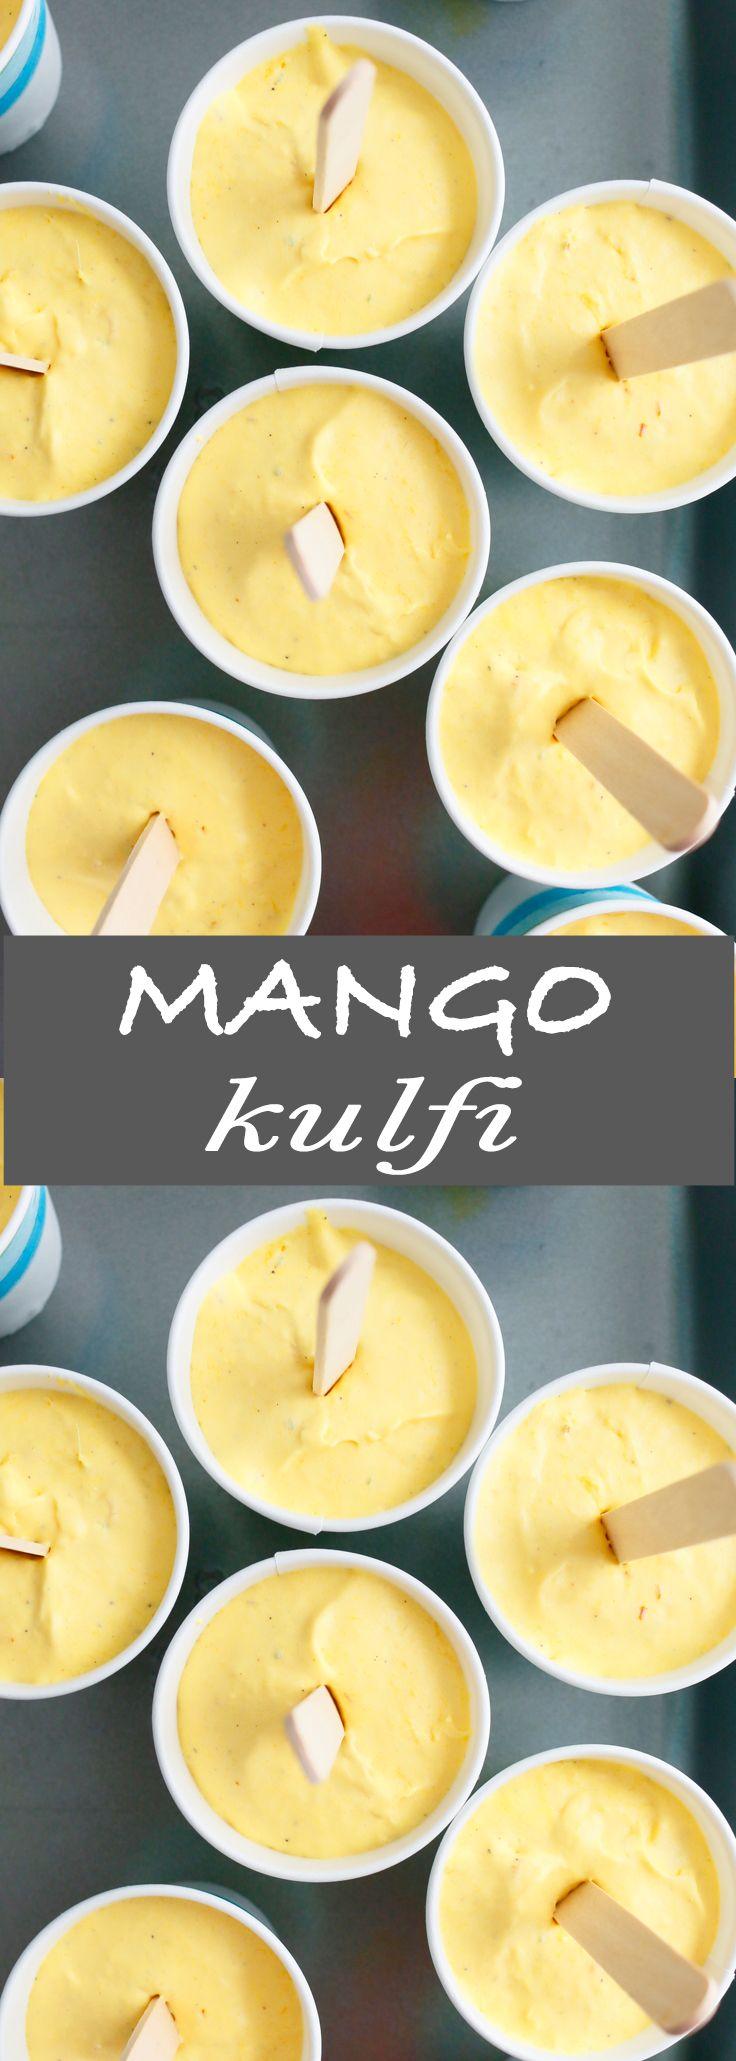 Mango kulfi receta pinterest postres paletas y hielo forumfinder Gallery